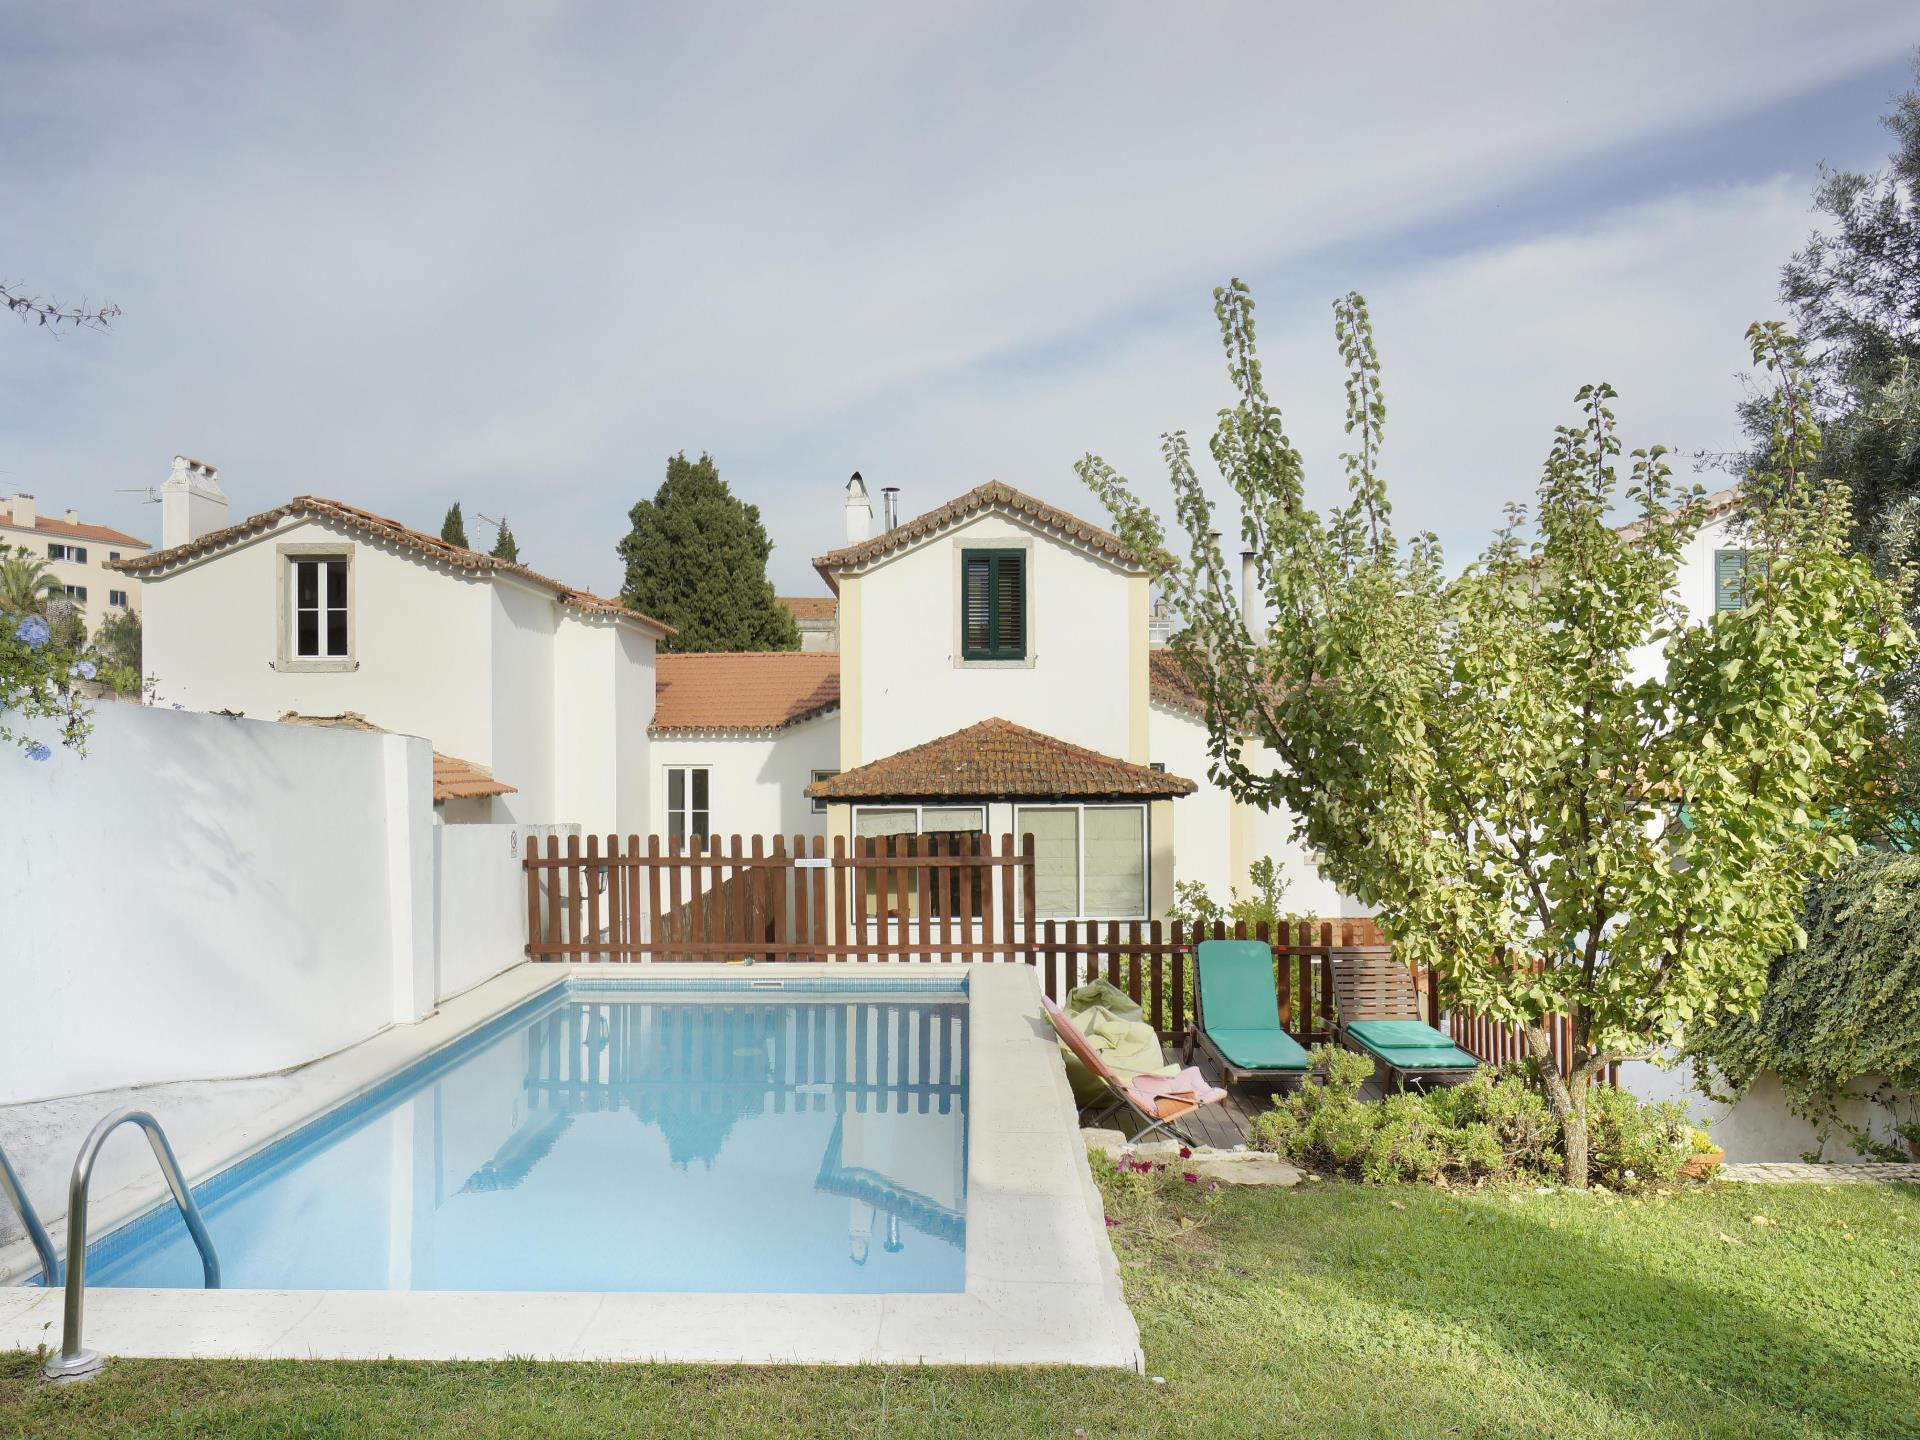 단독 가정 주택 용 매매 에 House, 4 bedrooms, for Sale Monte Estoril, Cascais, 리스보아 포르투갈